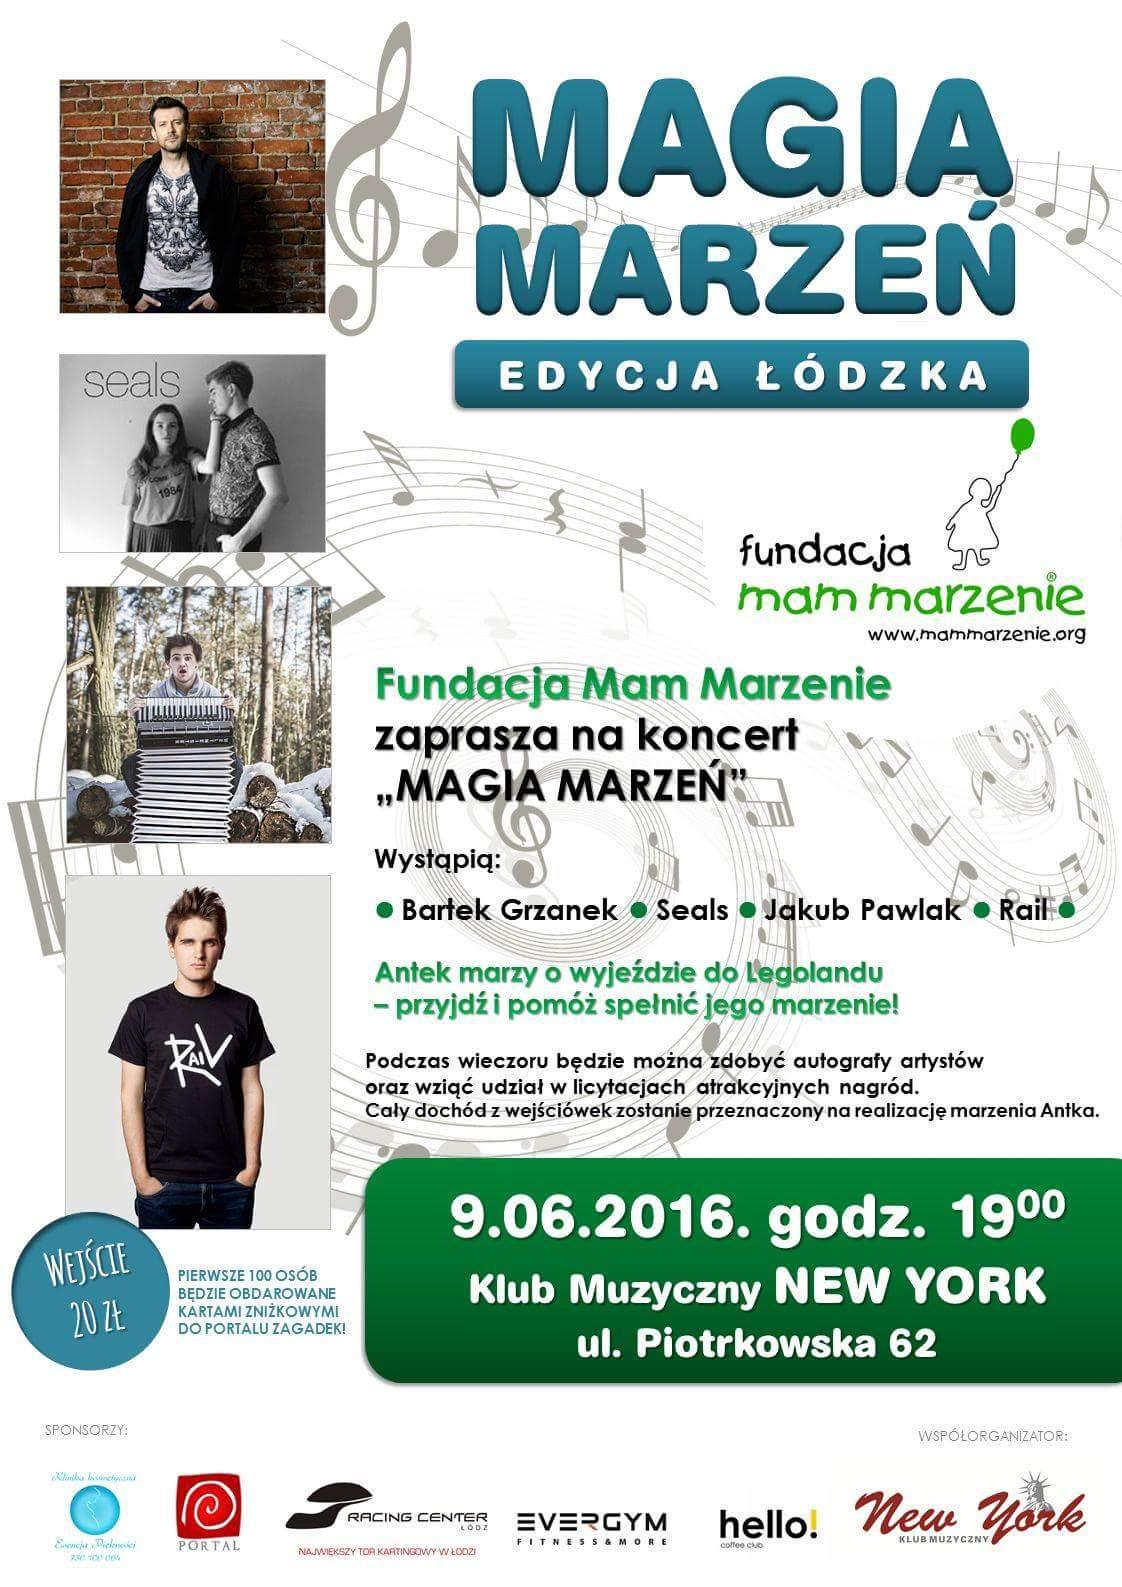 Plakat koncertu charytatywnego Magia Marzeń Fundacji Mam Marzenie